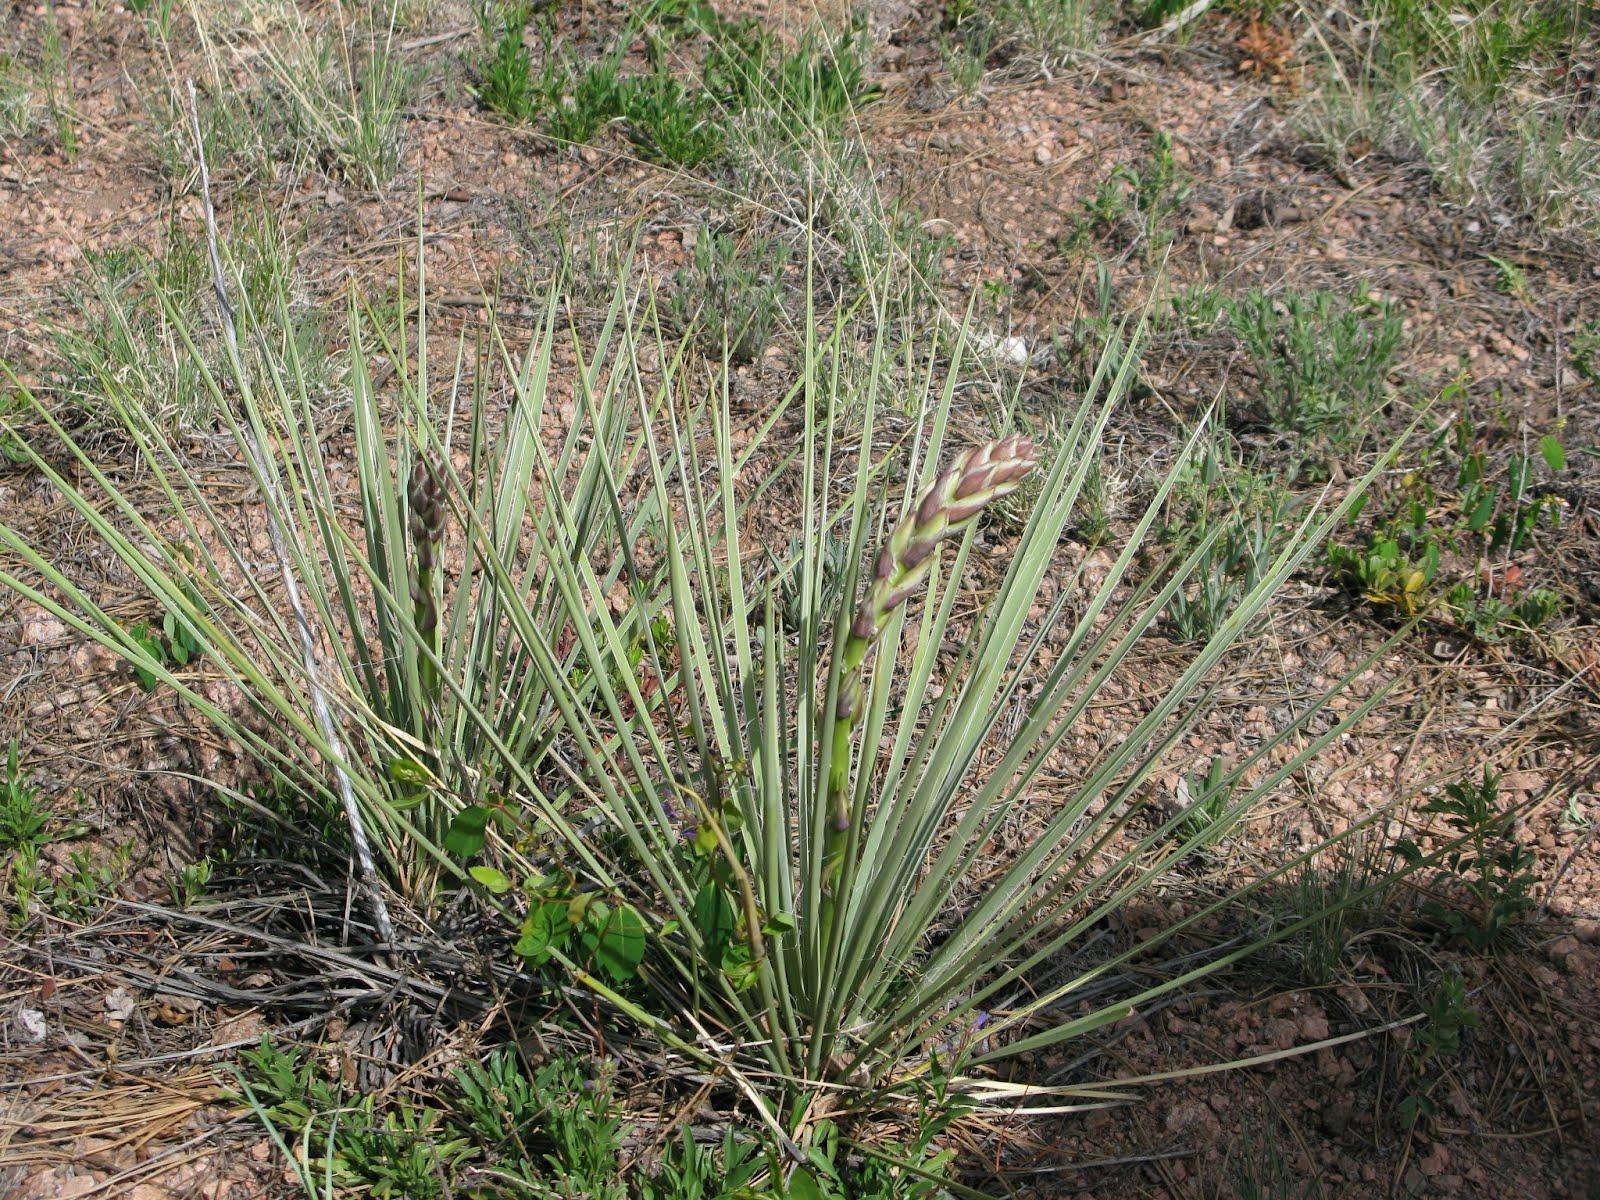 Narrowleaf yucca (Yucca glauca)